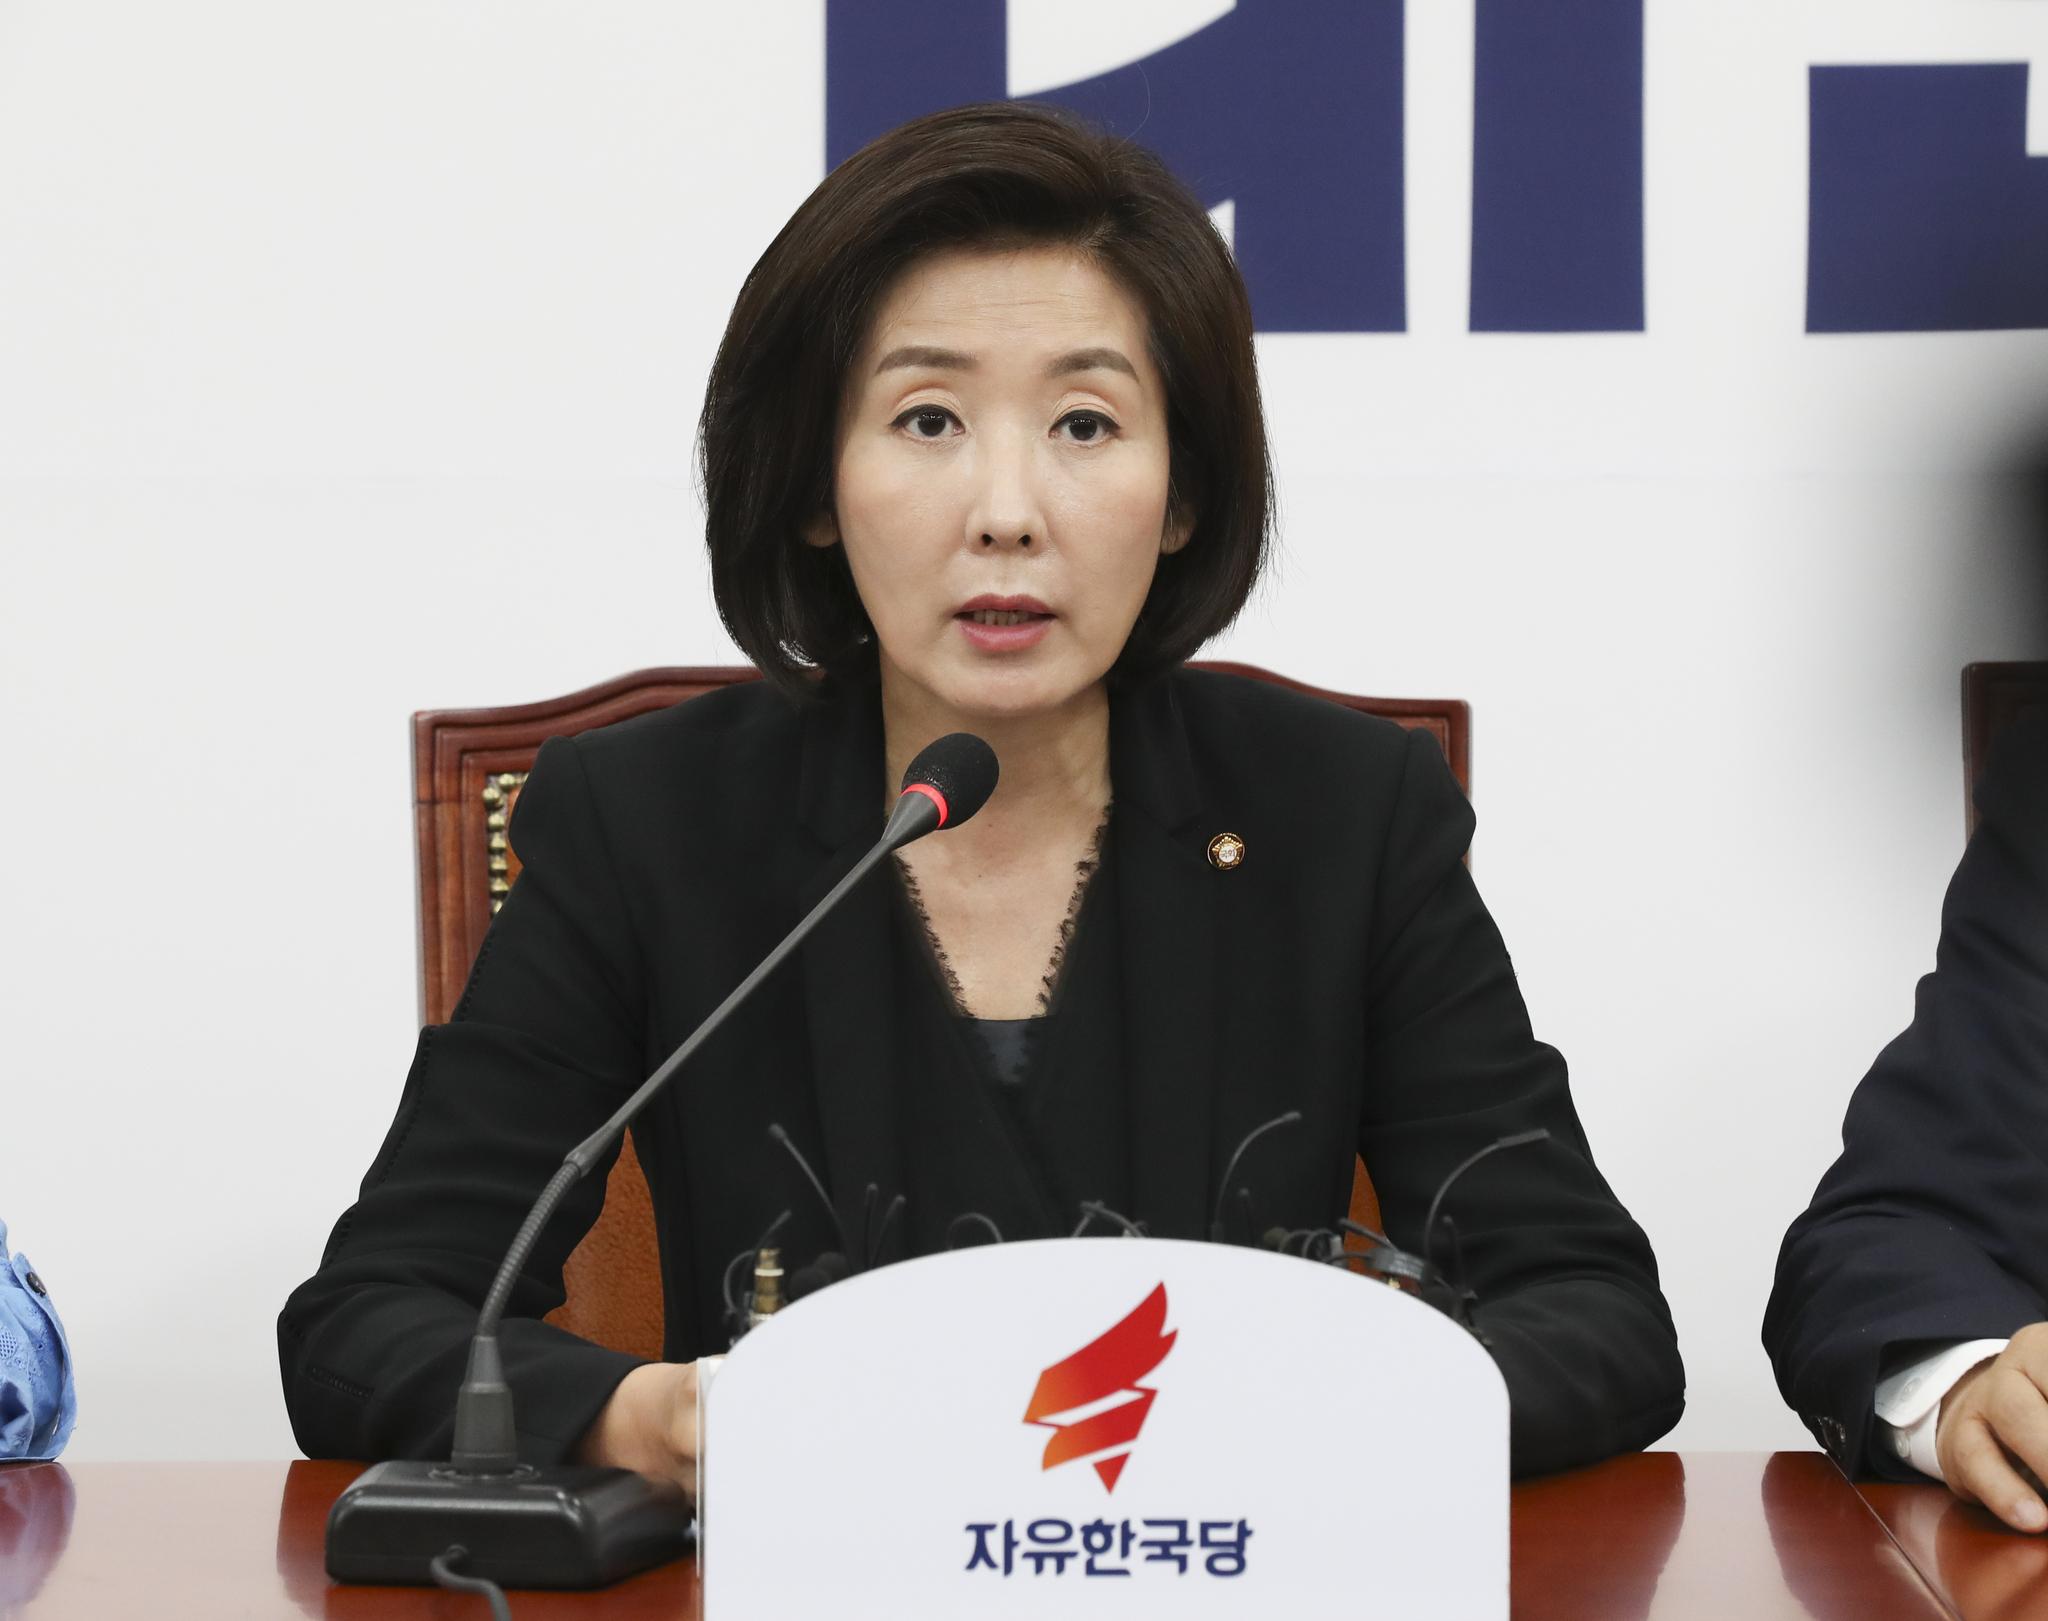 나경원 자유한국당 원내대표가 1일 오전 국회에서 열린 최고위원회의에서 모두발언을 하고 있다.  임현동 기자